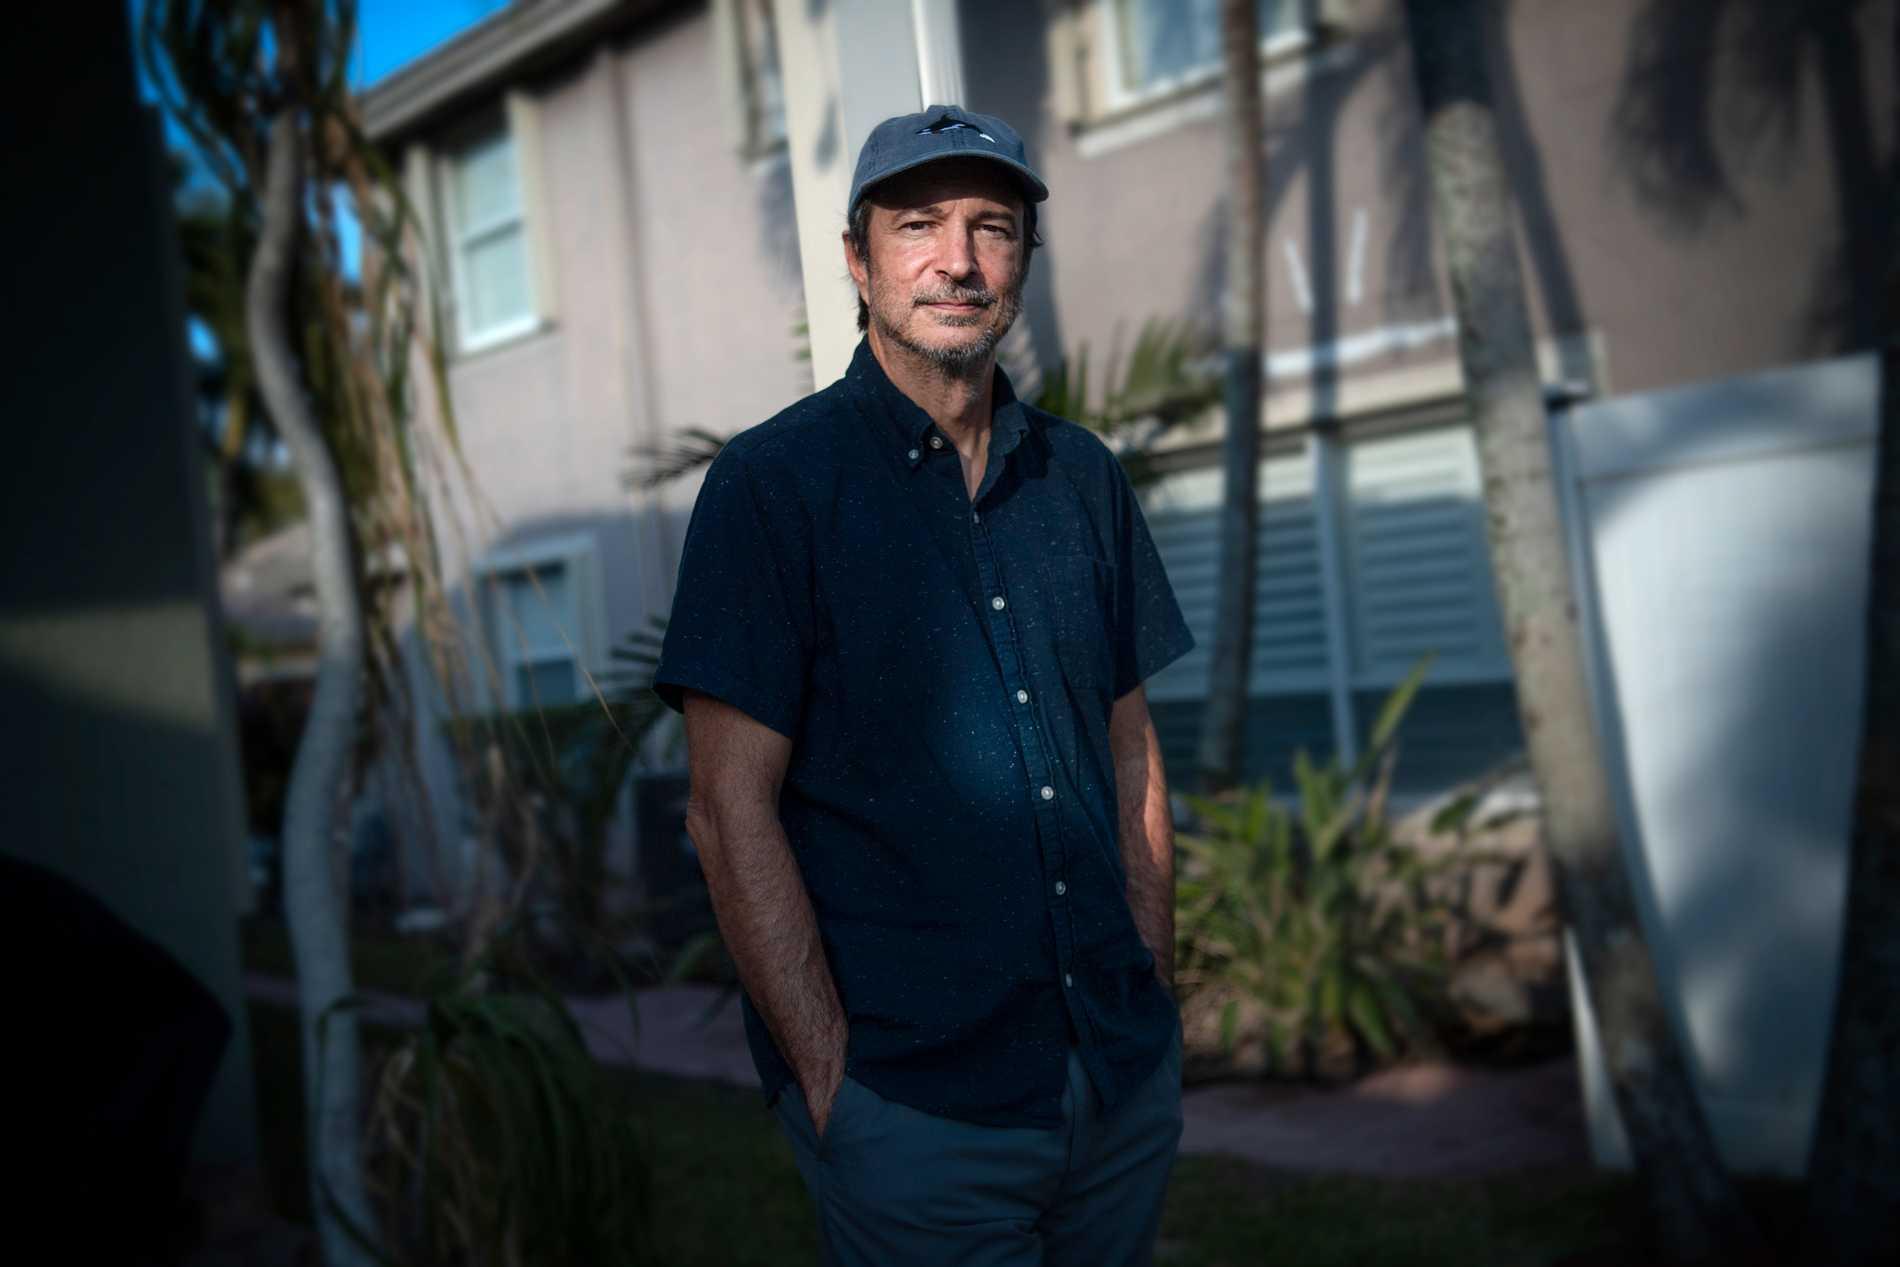 Antonio Fins är reporter på lokaltidningen Palm Beach Post.